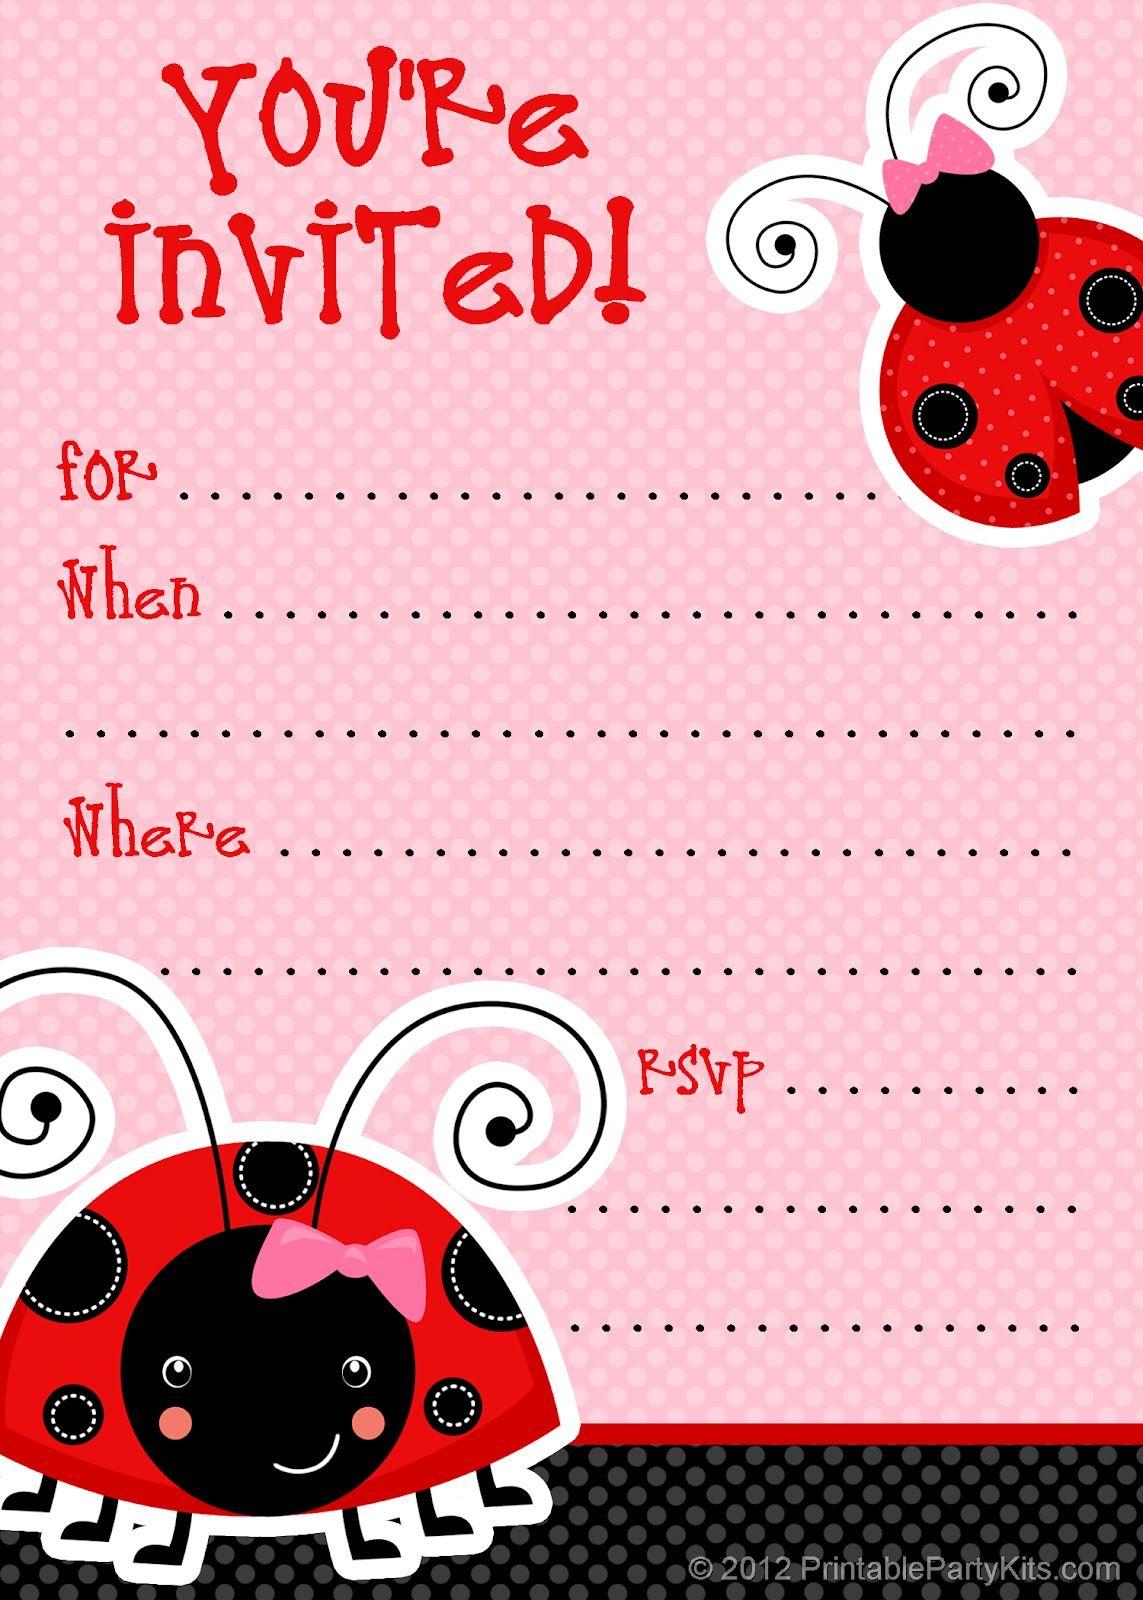 1 Free Printable Ladybug Invitation Blank Template 2 Beautiful – Invitation Blank Template